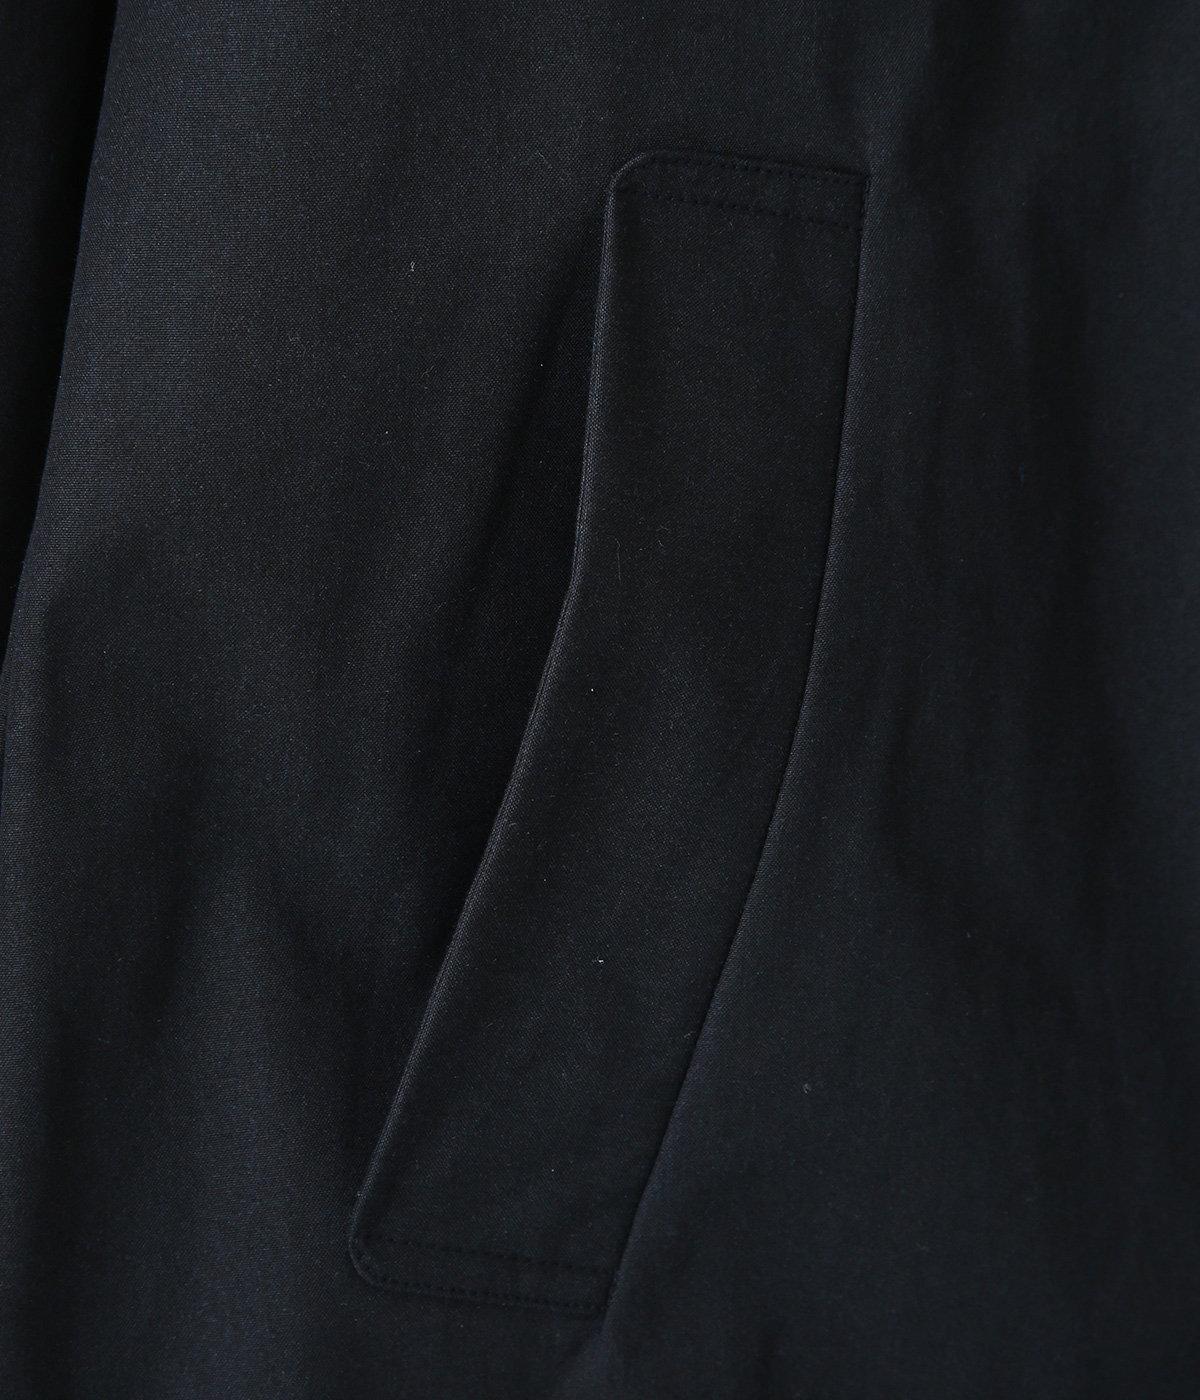 ステンカラーコート スタンダード - 10553 -